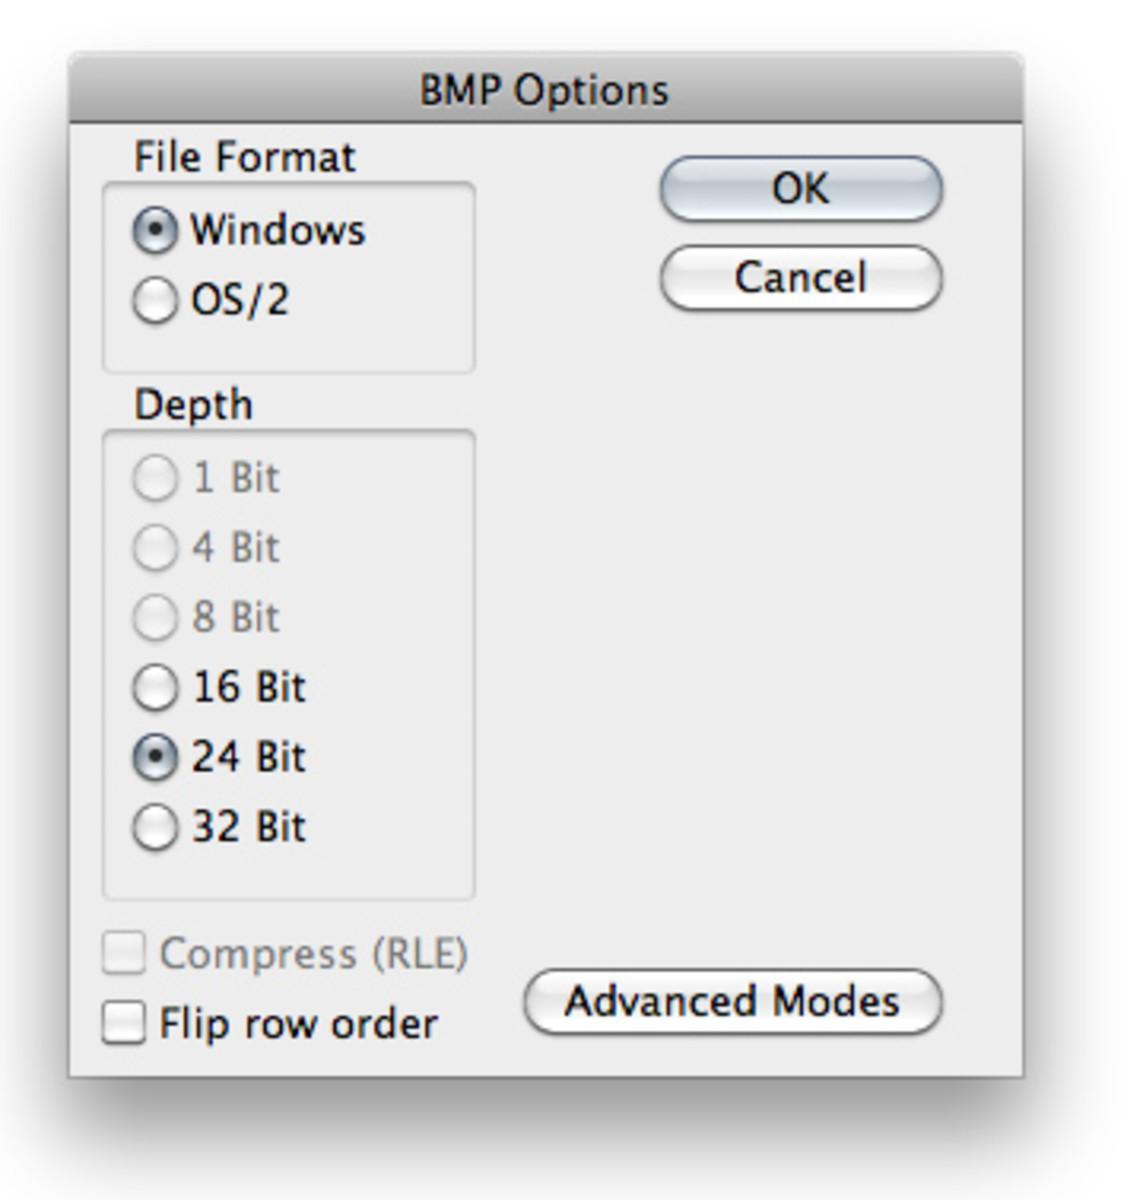 Saving 4-Bit images in Adobe Photoshop